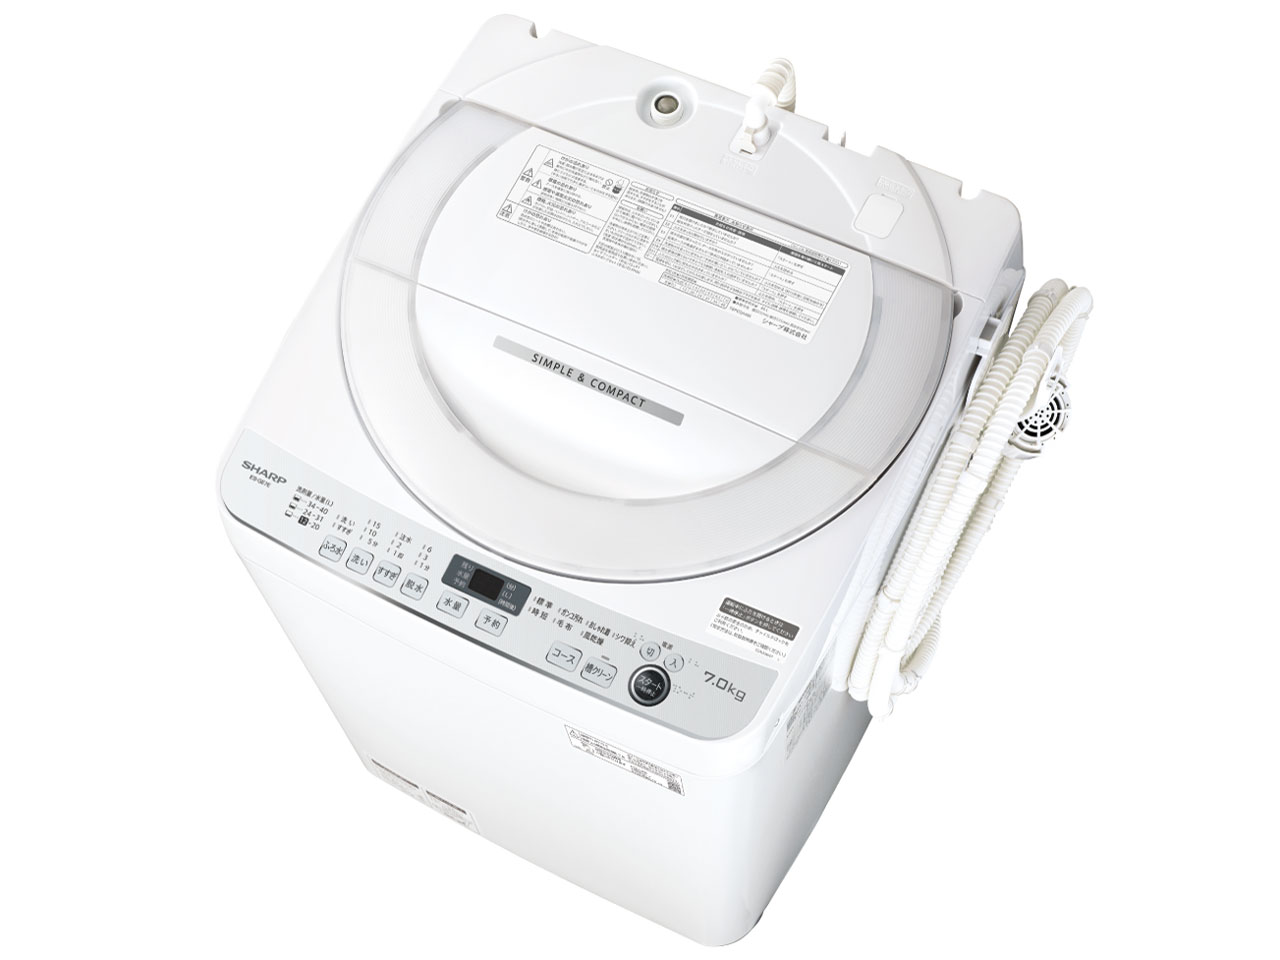 【標準設置対応付】シャープ全自動洗濯機 7.0kg ホワイト系ES-GE7E-W